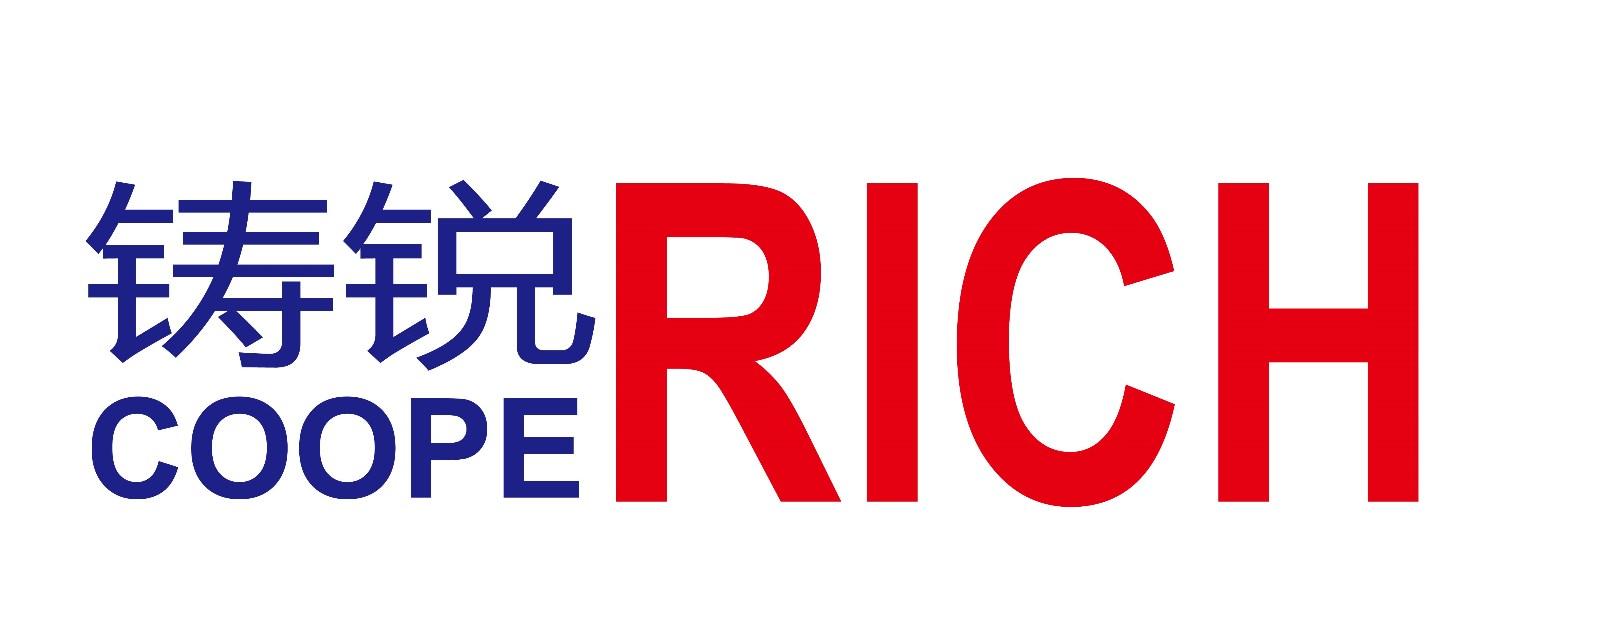 铸锐(上海)工业自动化有限公司